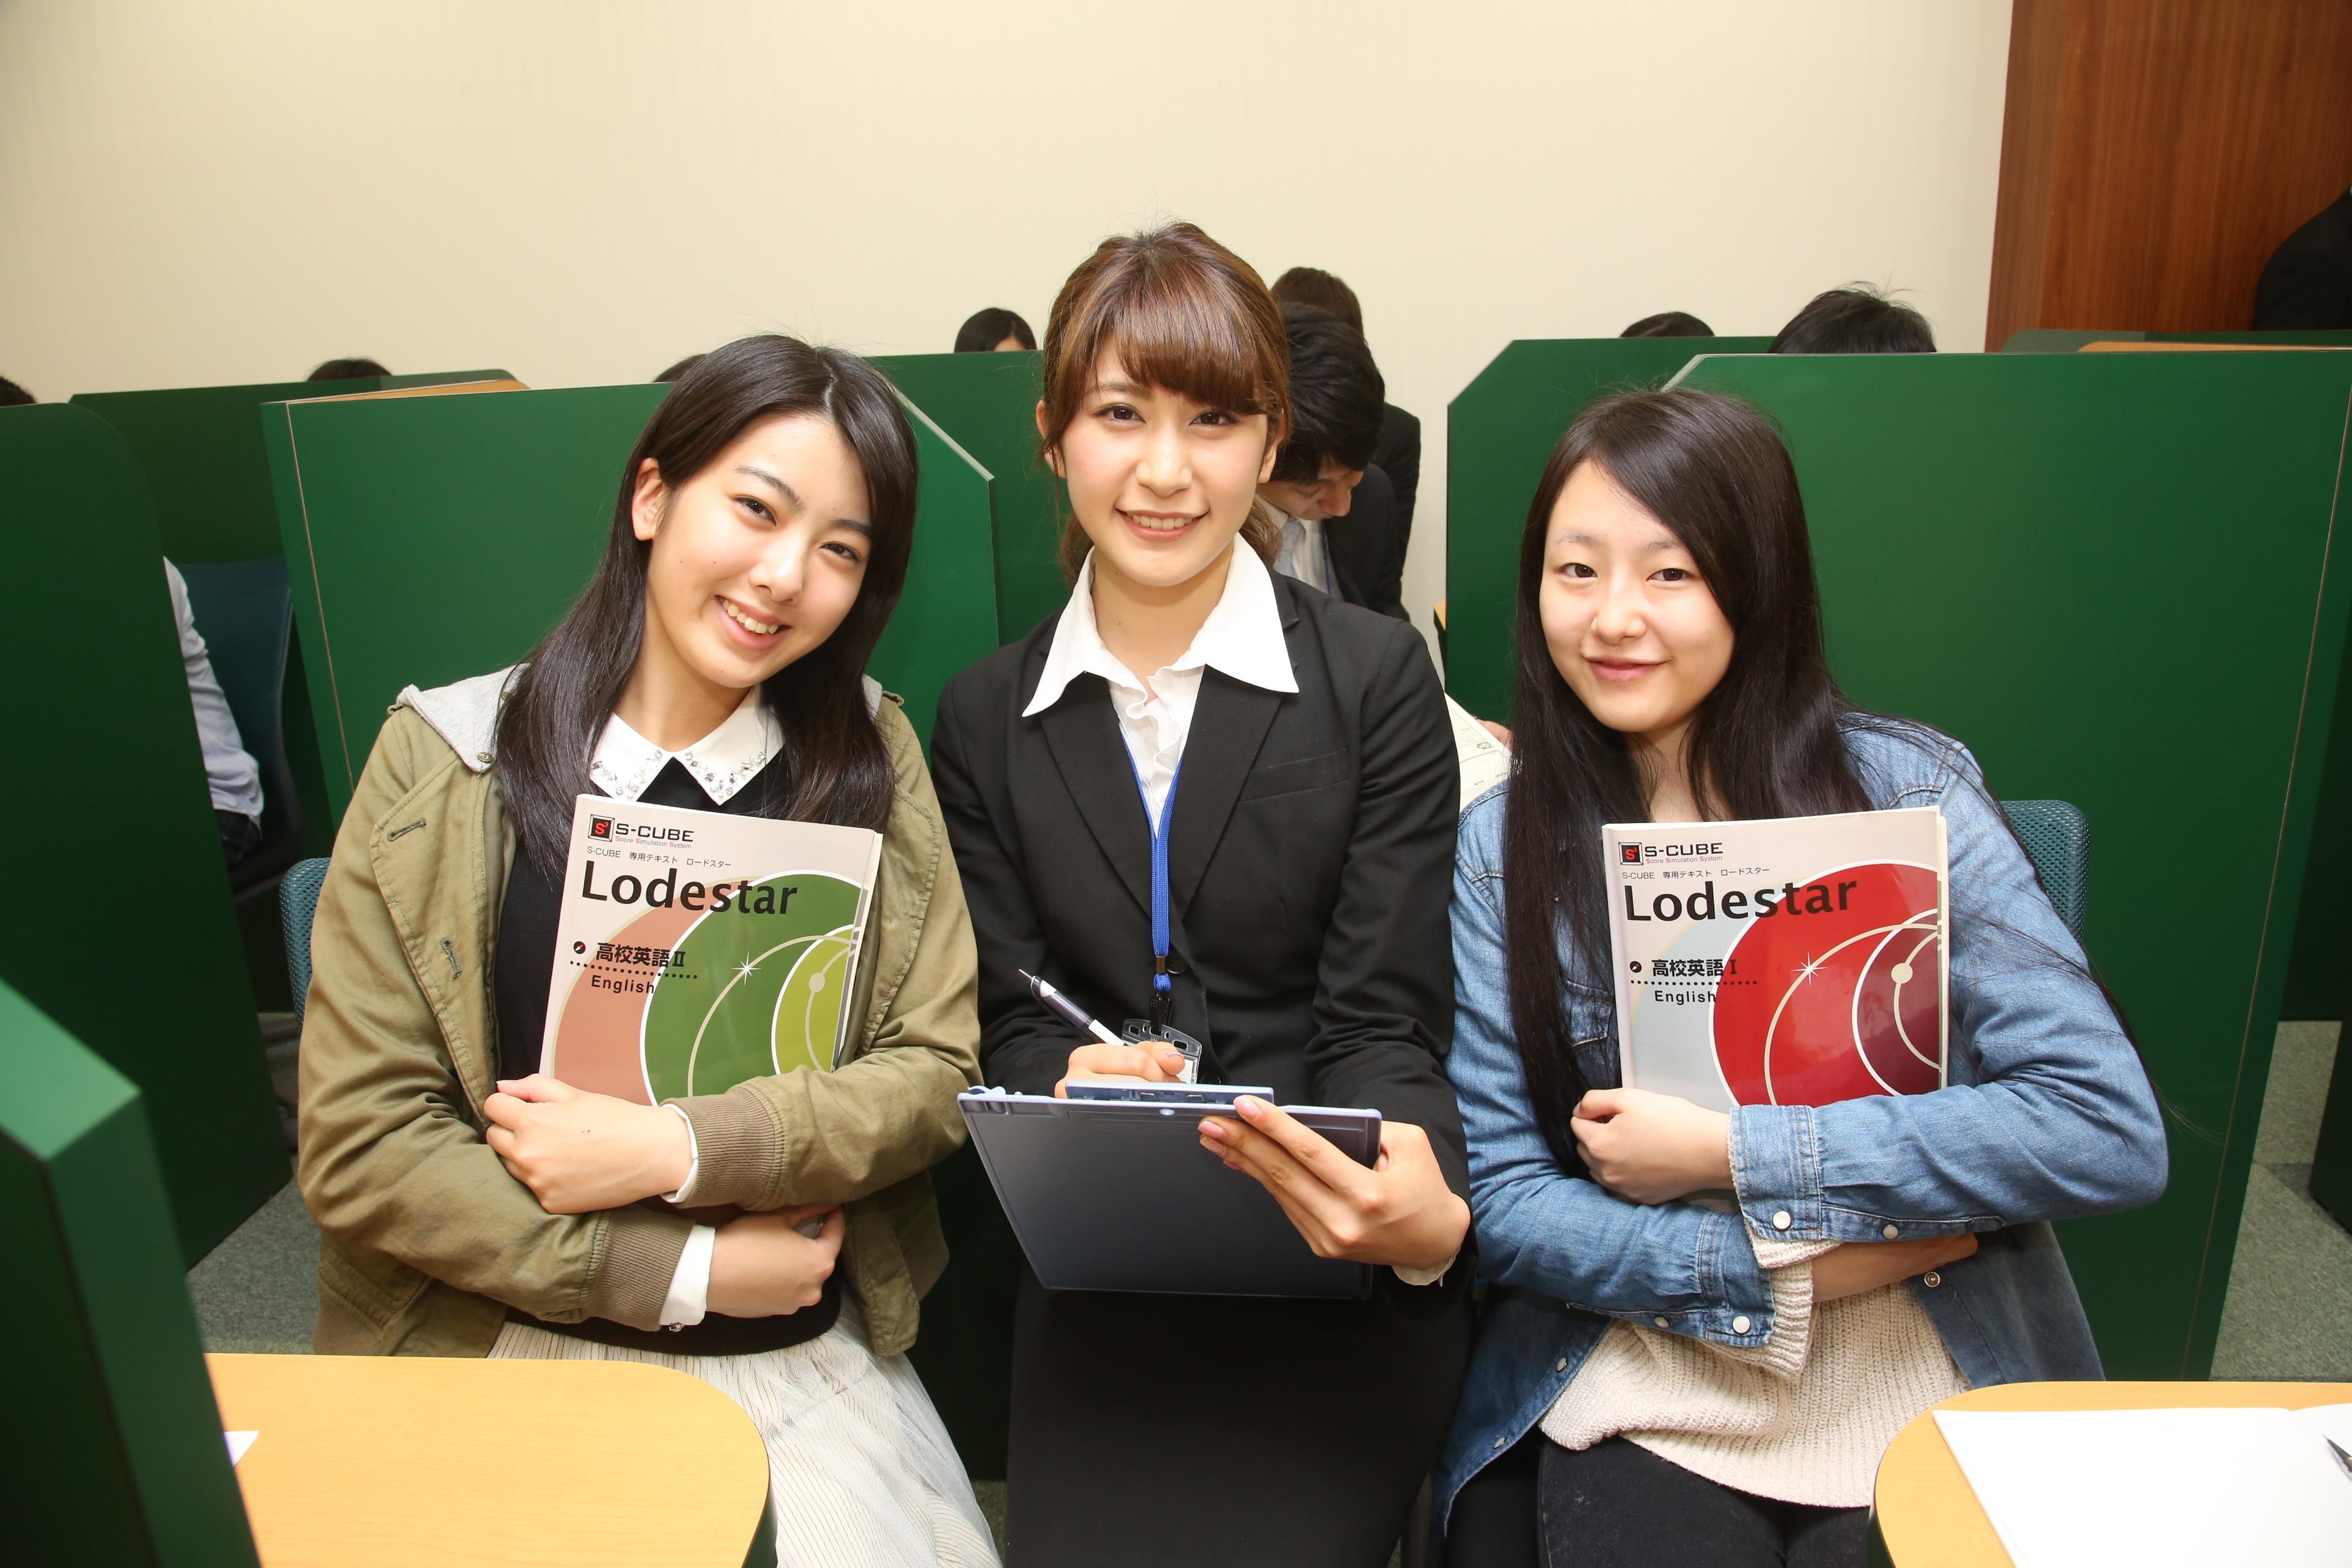 個別指導学院 フリーステップ 住之江駅前教室のアルバイト情報